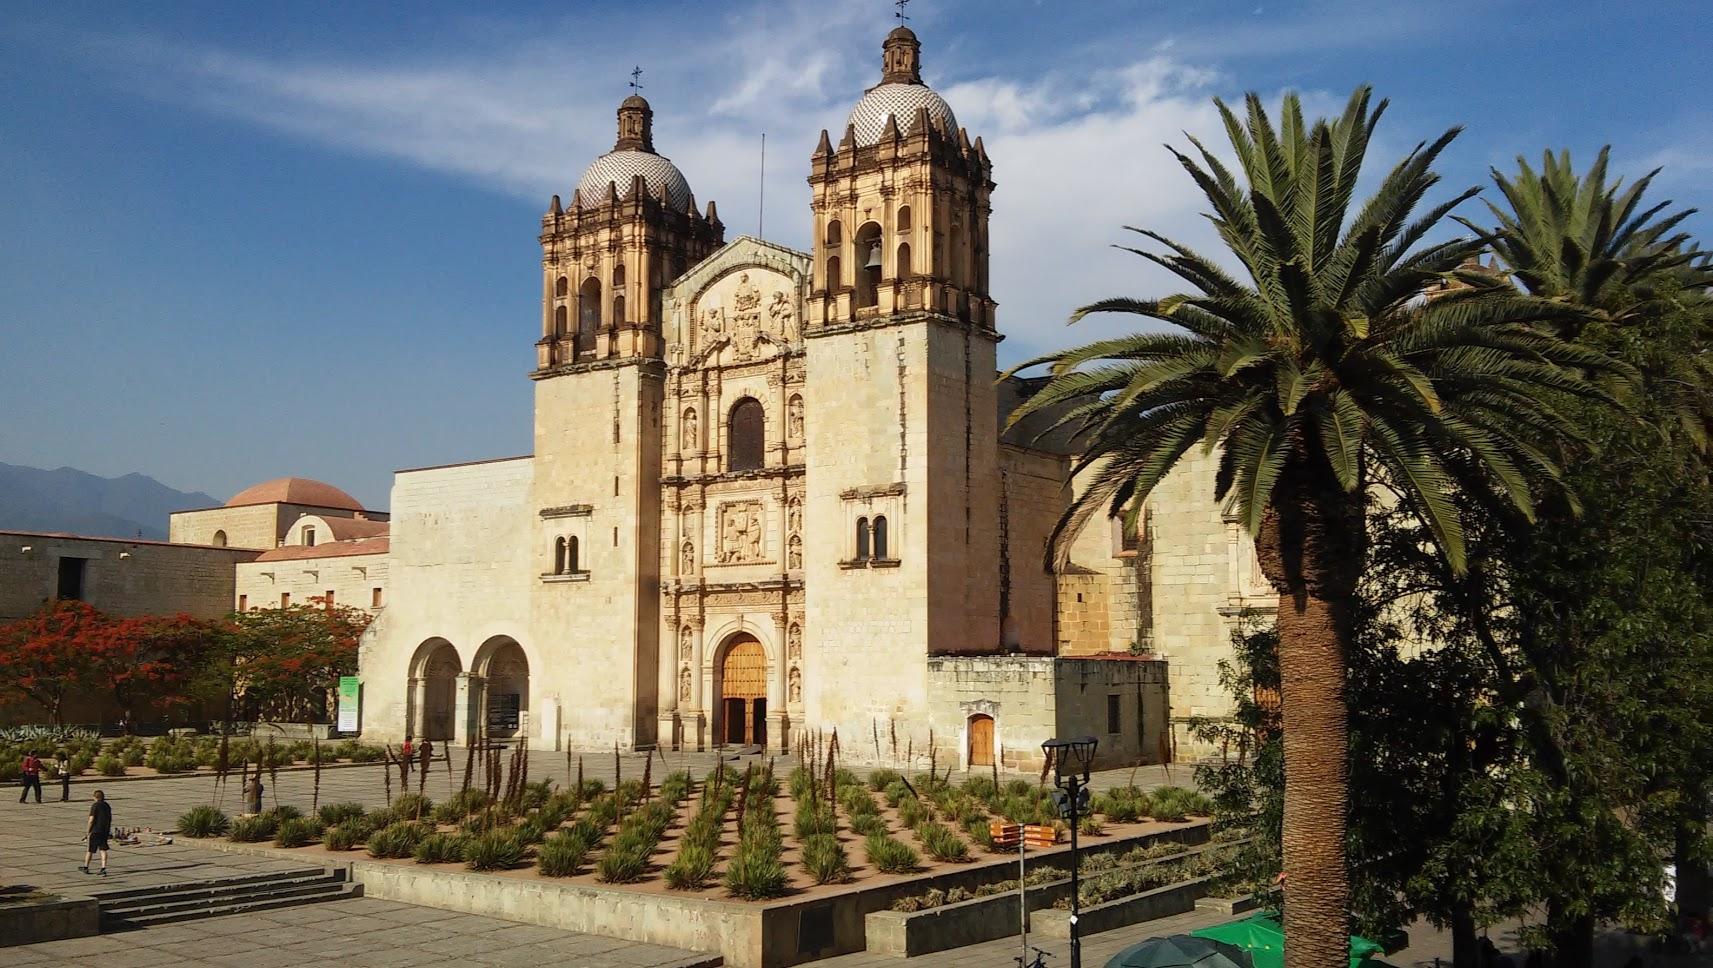 Santo Domingo Church and Cultural Center in Oaxaca